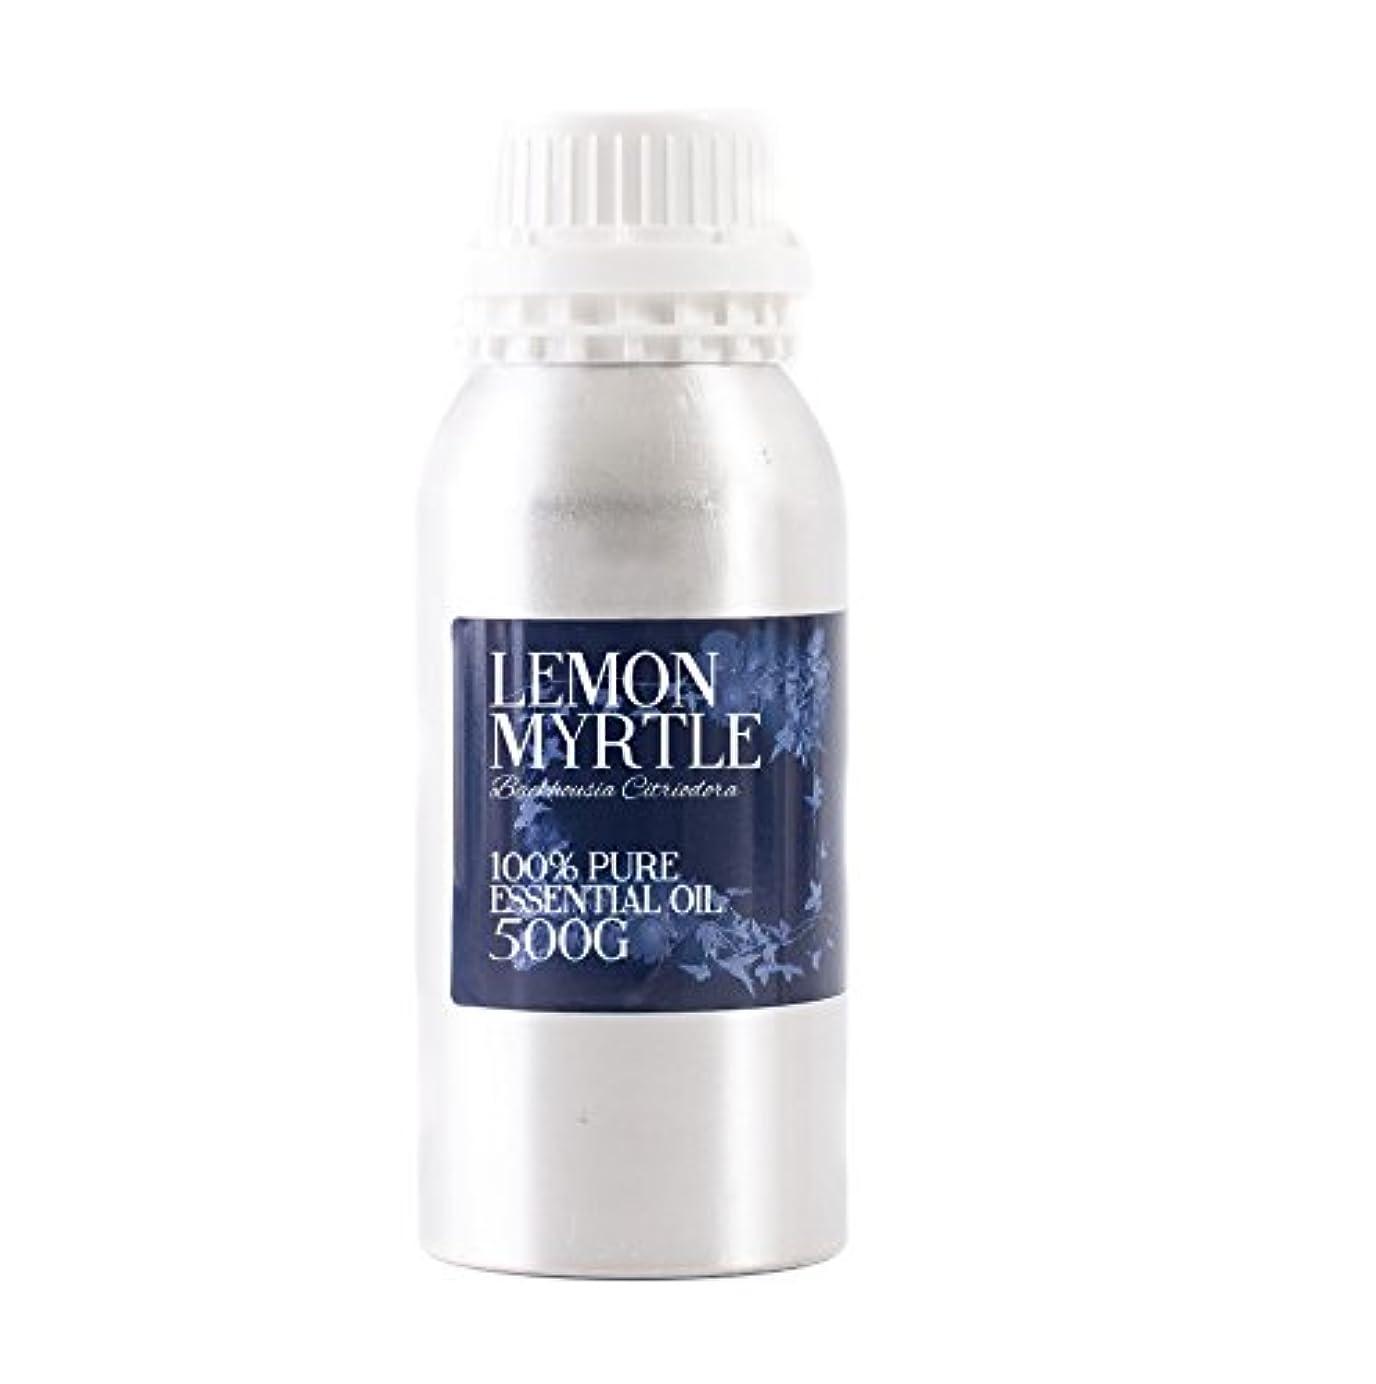 データ波紋ためらうMystic Moments | Lemon Myrtle Essential Oil - 500g - 100% Pure